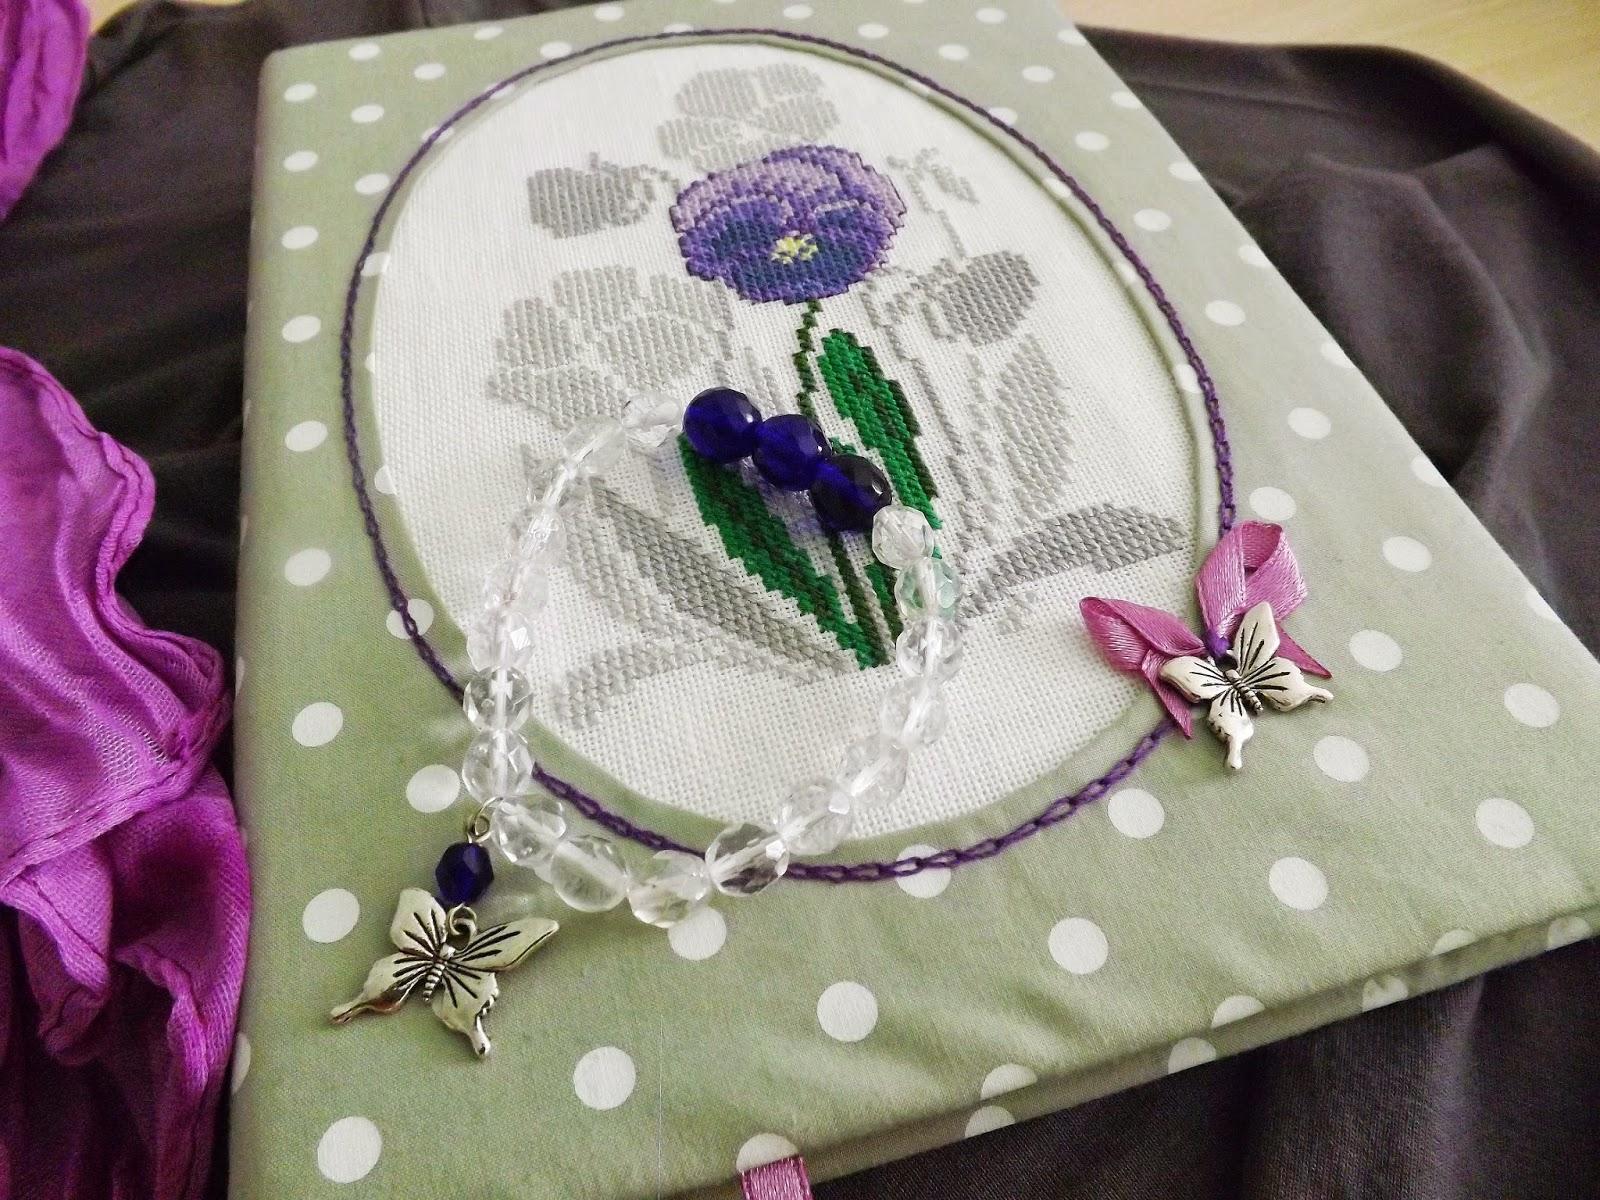 конфета, блокнот ручной работы, блокноты, блокноты ручной работы, вышивка крестиком, шарф, браслет, o-linn